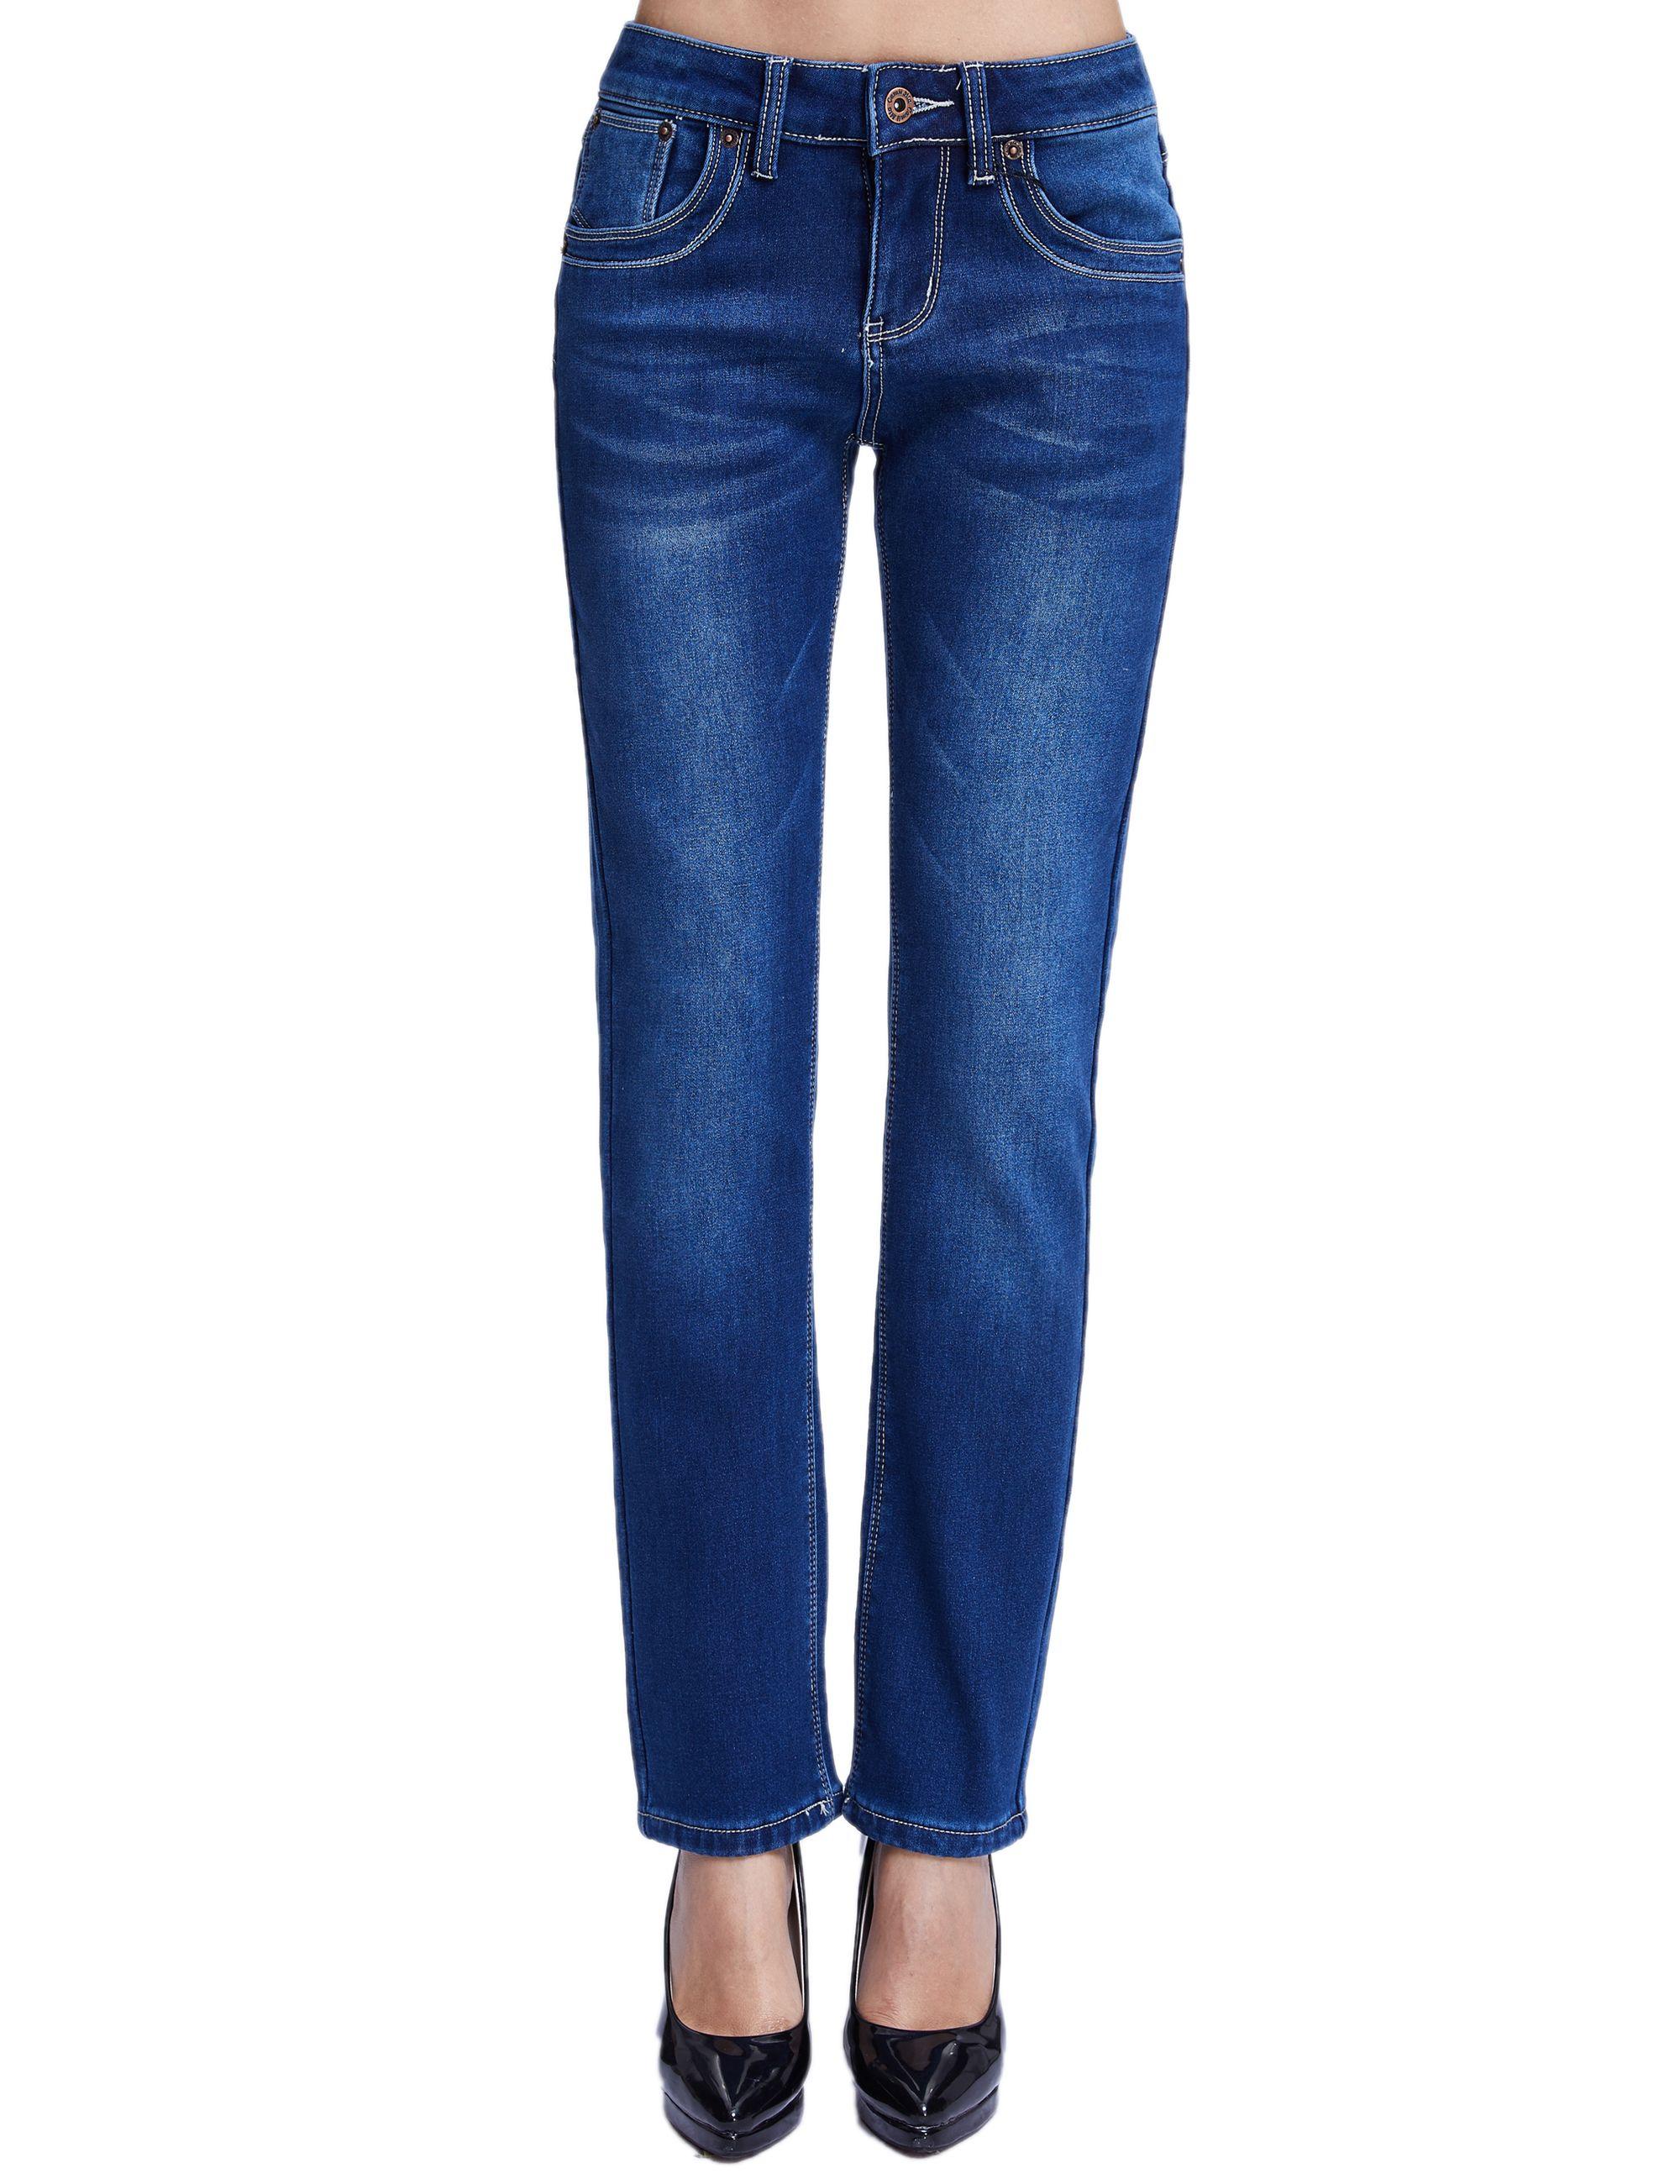 1c83370aaf8ad Women s Denim Slim Fit Fleece Jeans